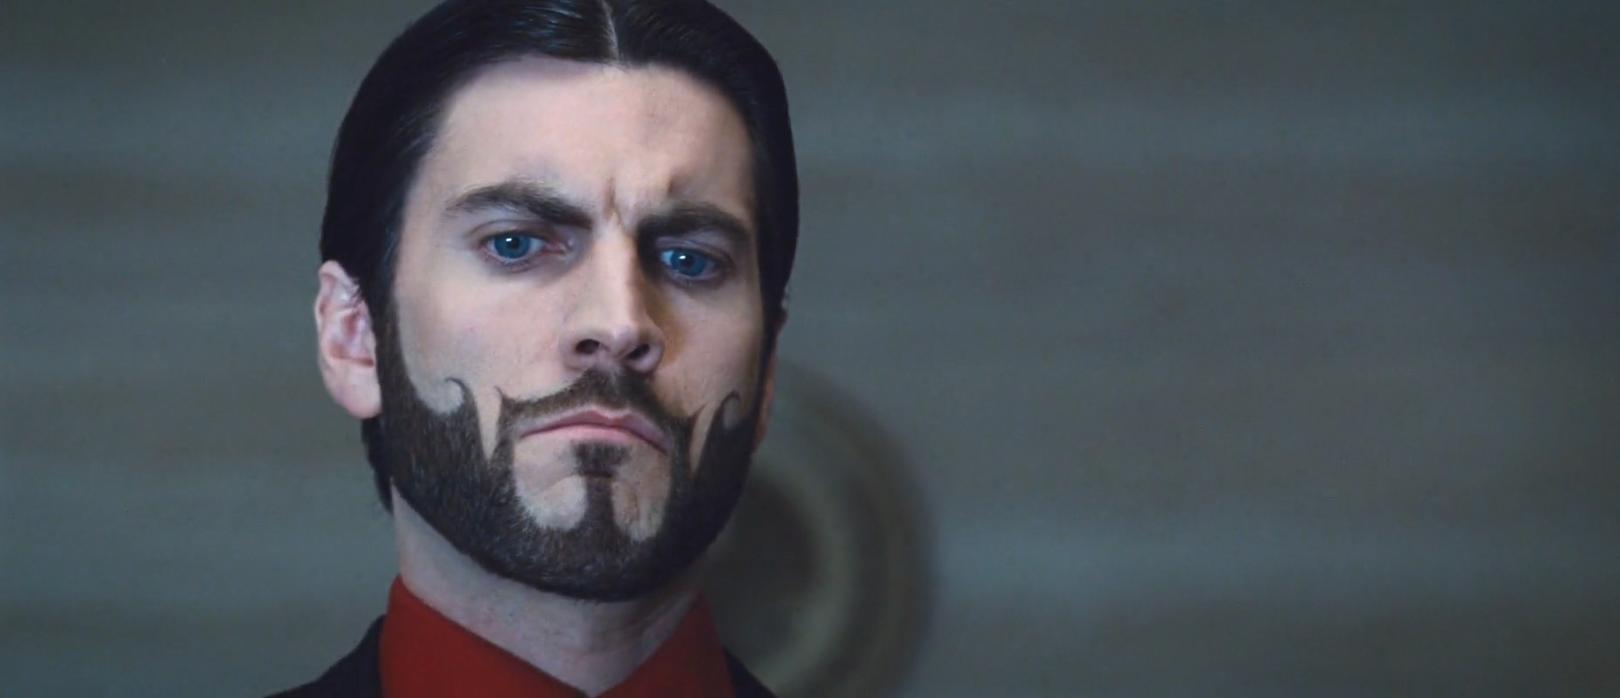 Wes Bentley as Seneca Crane in the hungergames crazy facial hair